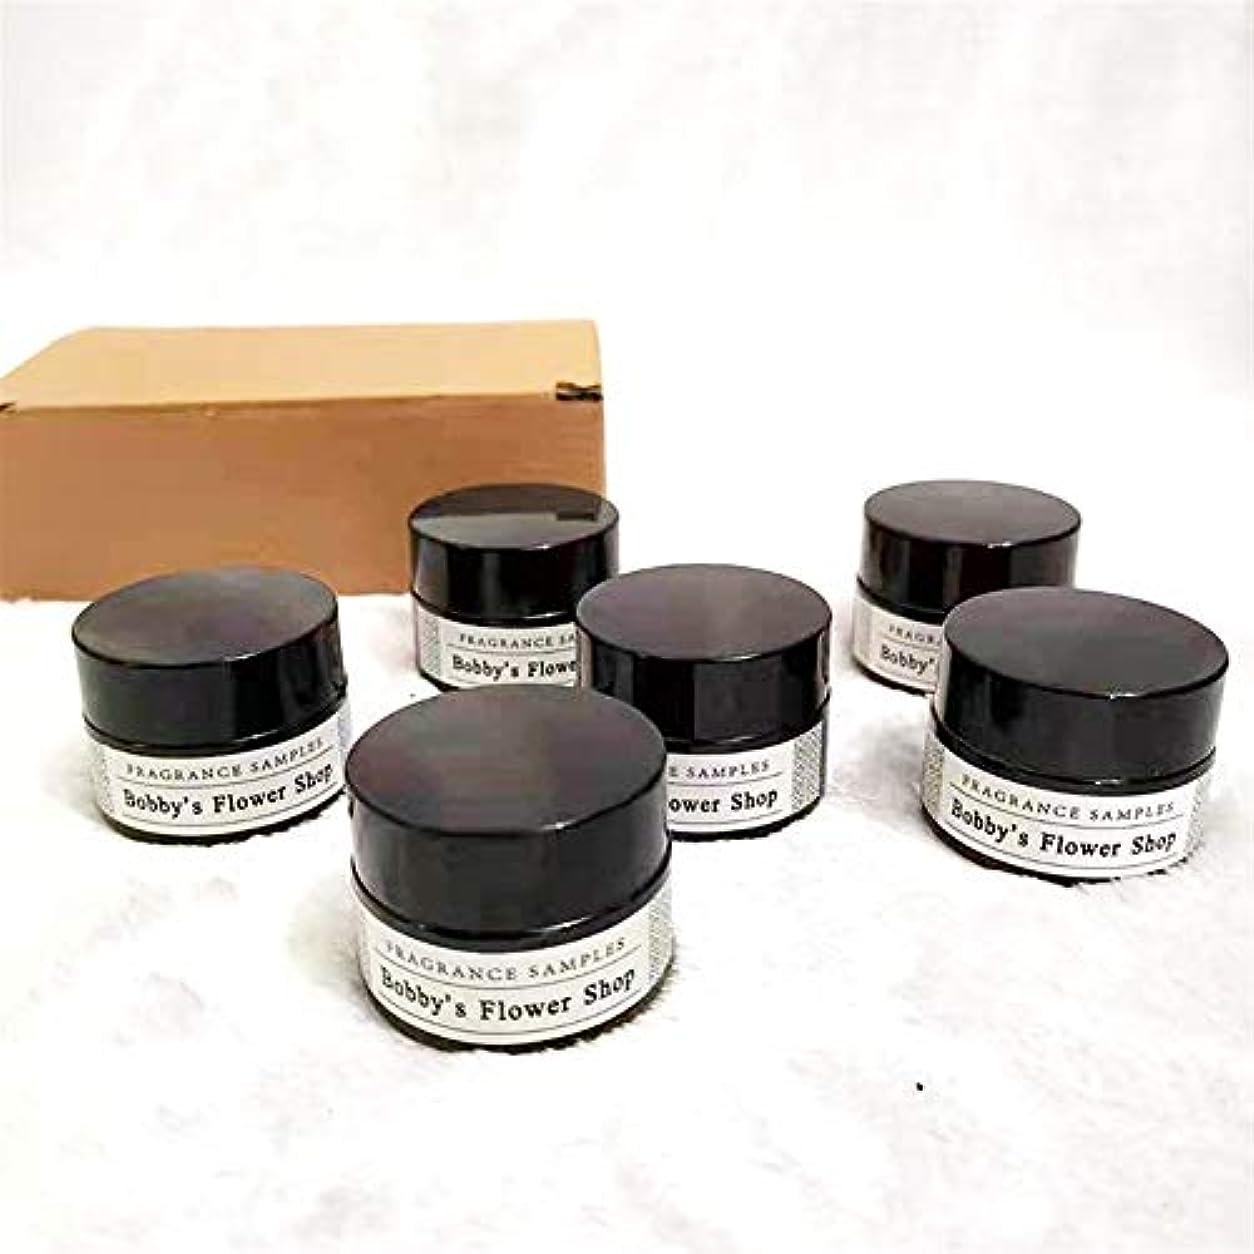 人形広がり故国Guomao アロマセラピーキャンドルグラス、ガラスの香りライブラリ、告白小道具、無煙の香り、大豆ワックス (色 : 14cm*9cm*4.6cm)